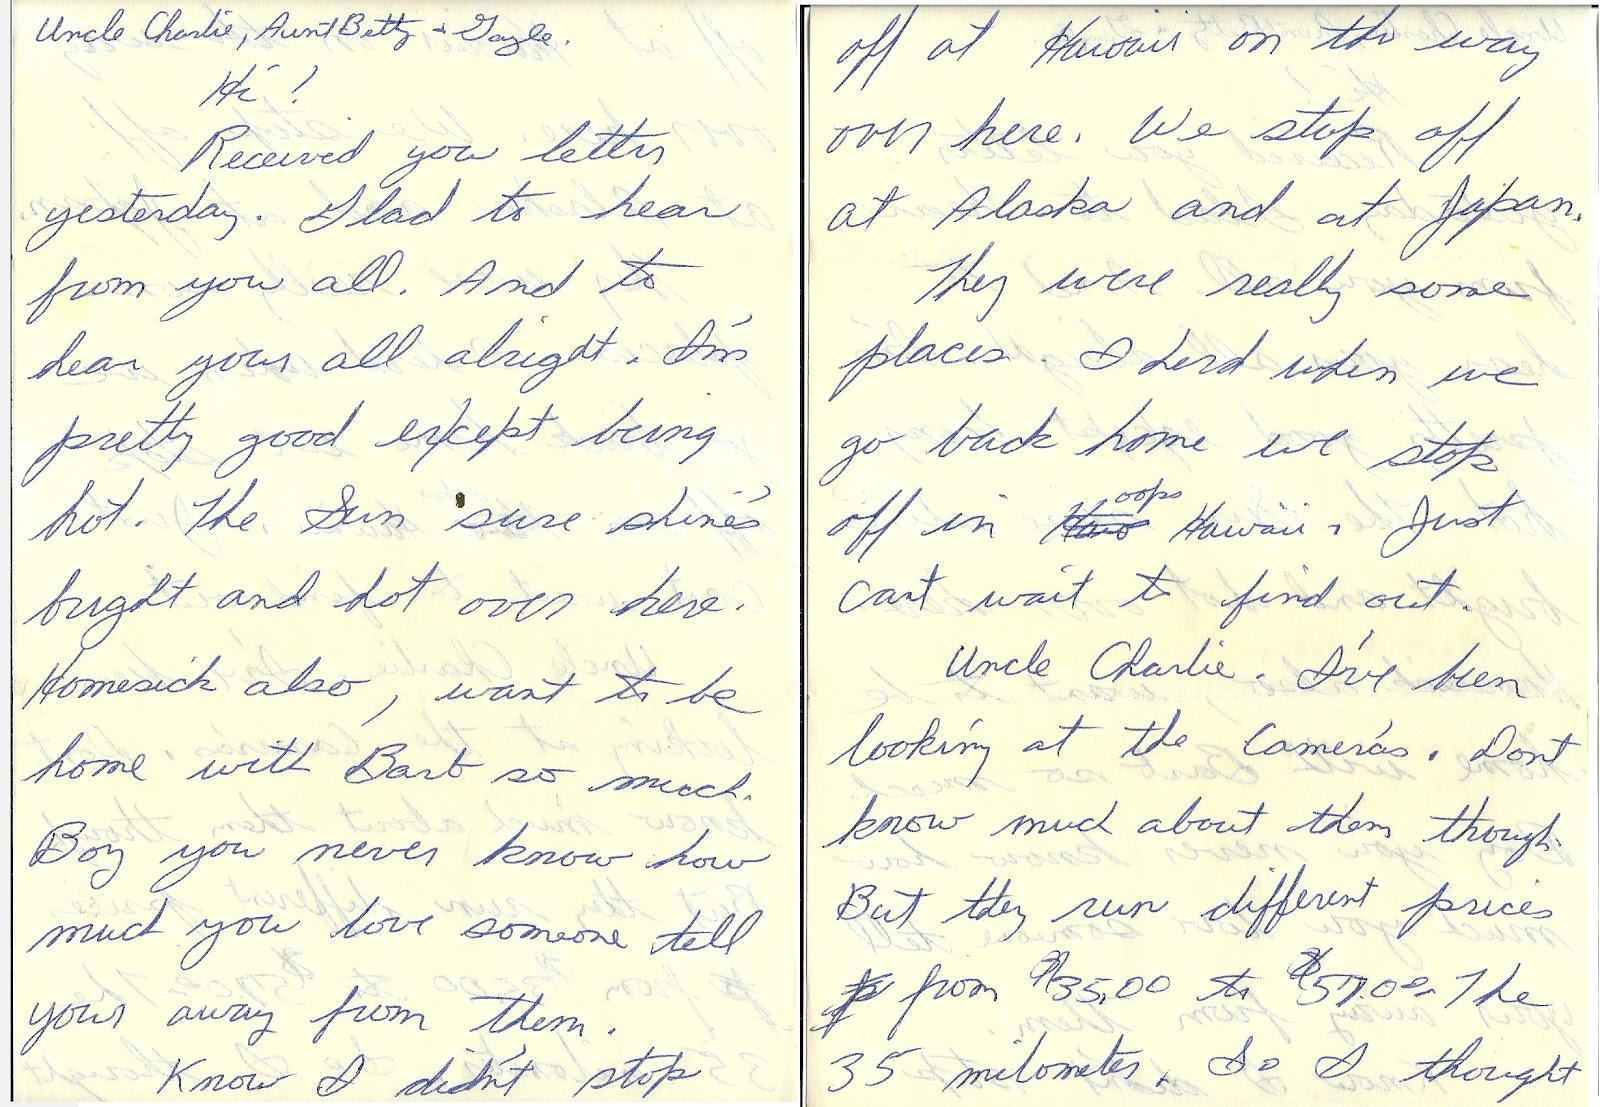 Charles W Leffert Letter from Larry Tate_1.jpg